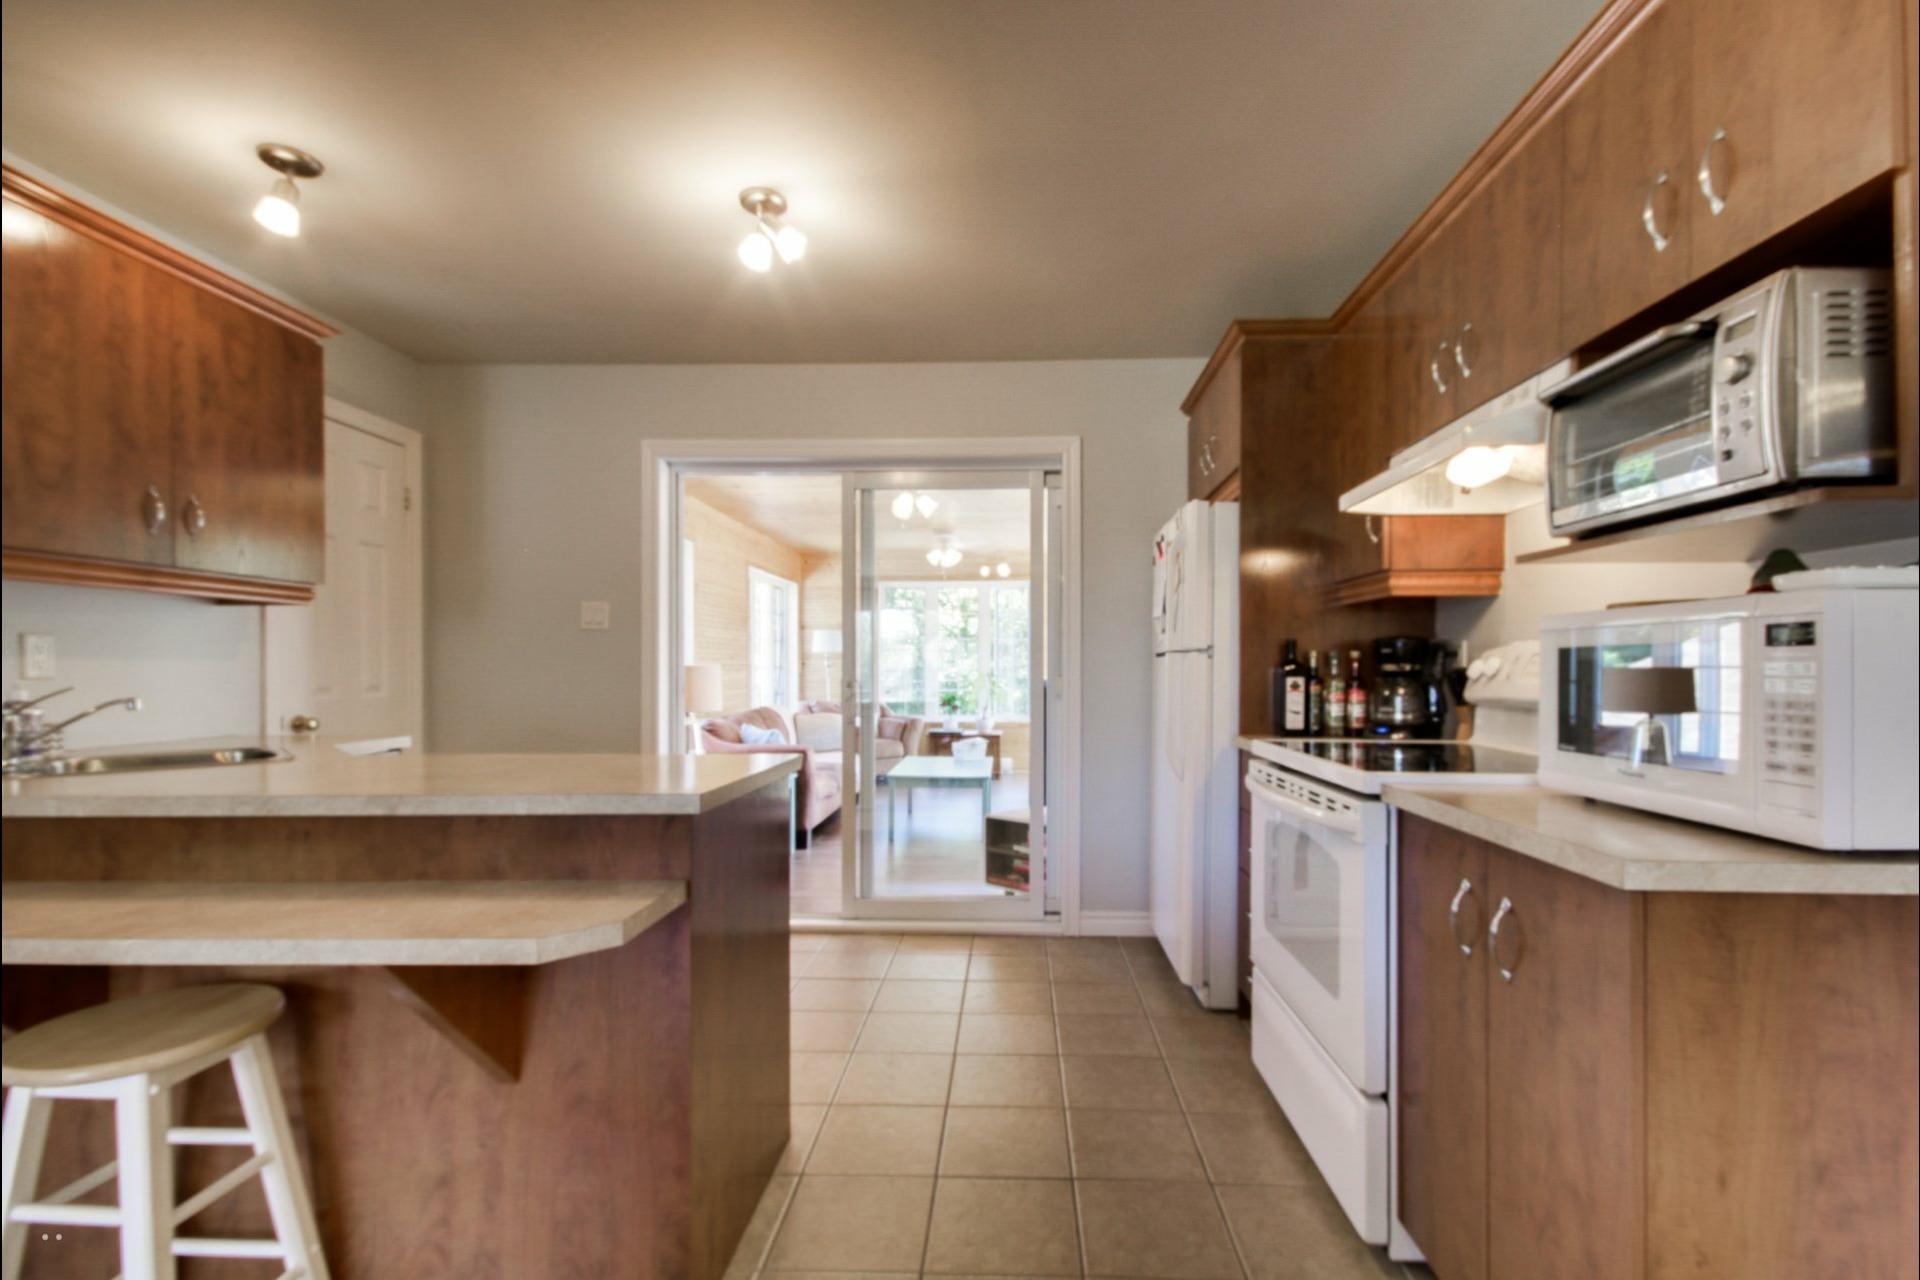 image 18 - Maison À vendre Trois-Rivières